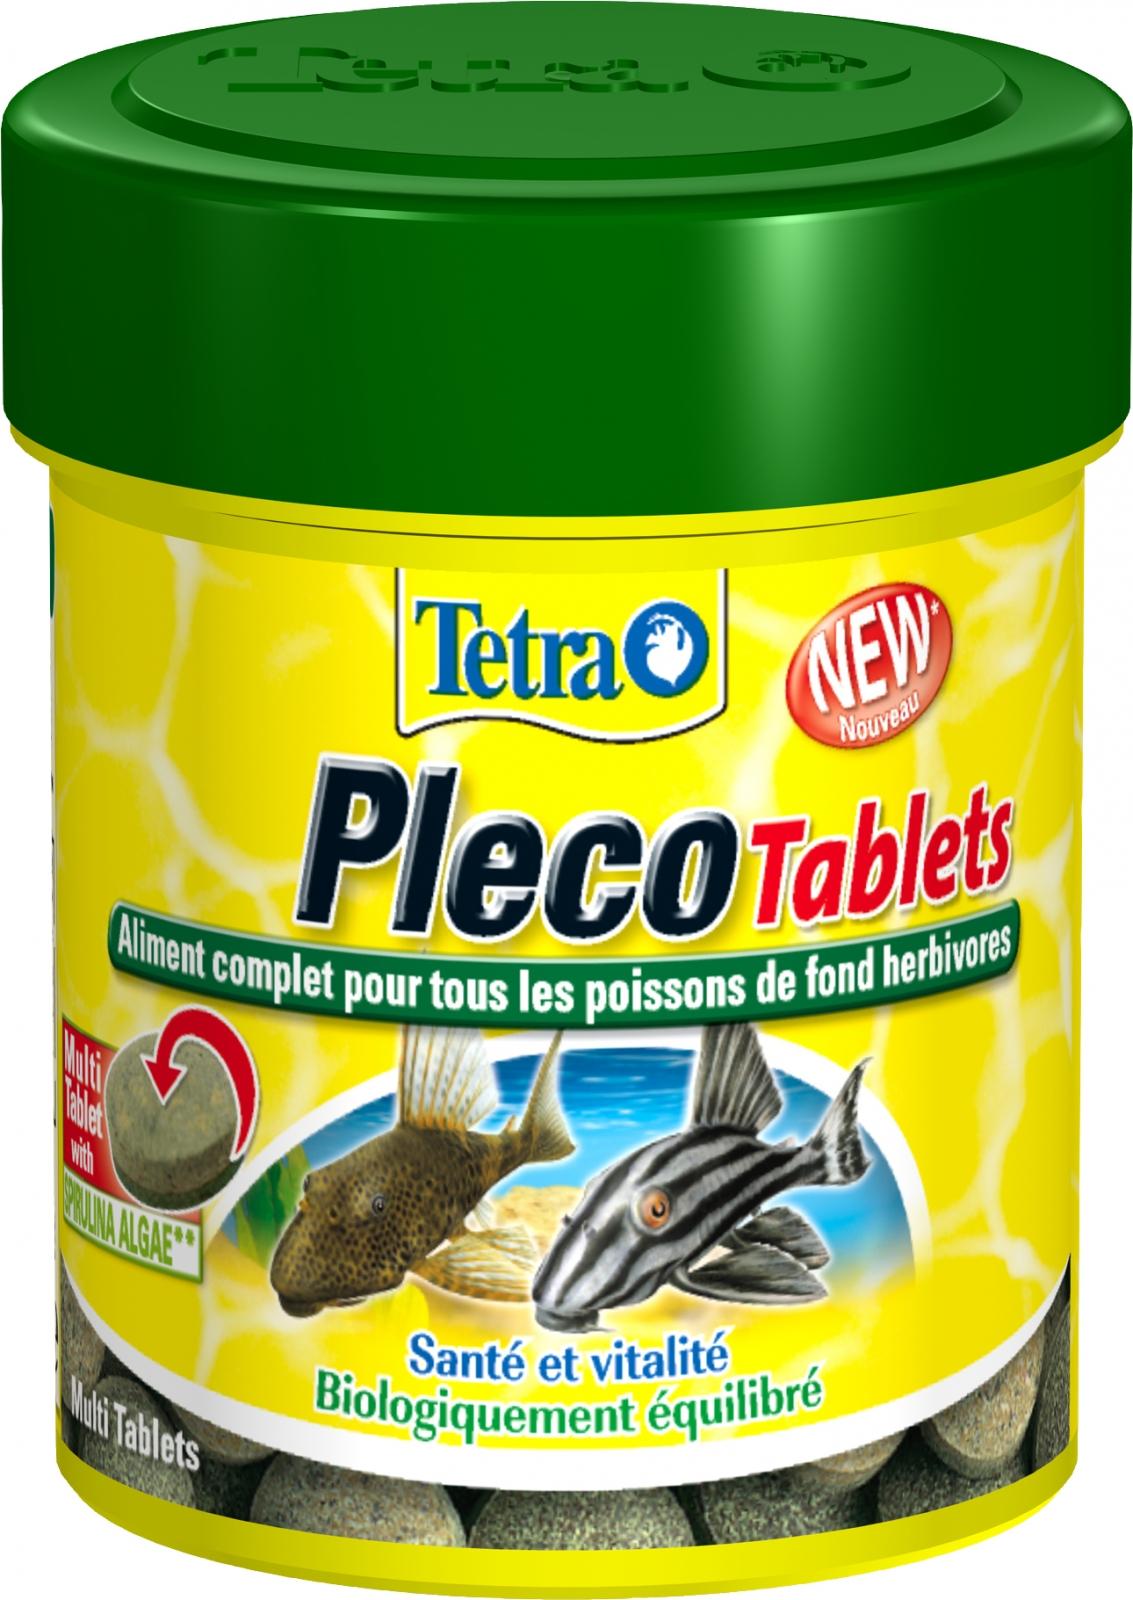 TETRA Pleco Tablets 120 tablettes complètes riches en végétaux pour tous les poissons de fond herbivores